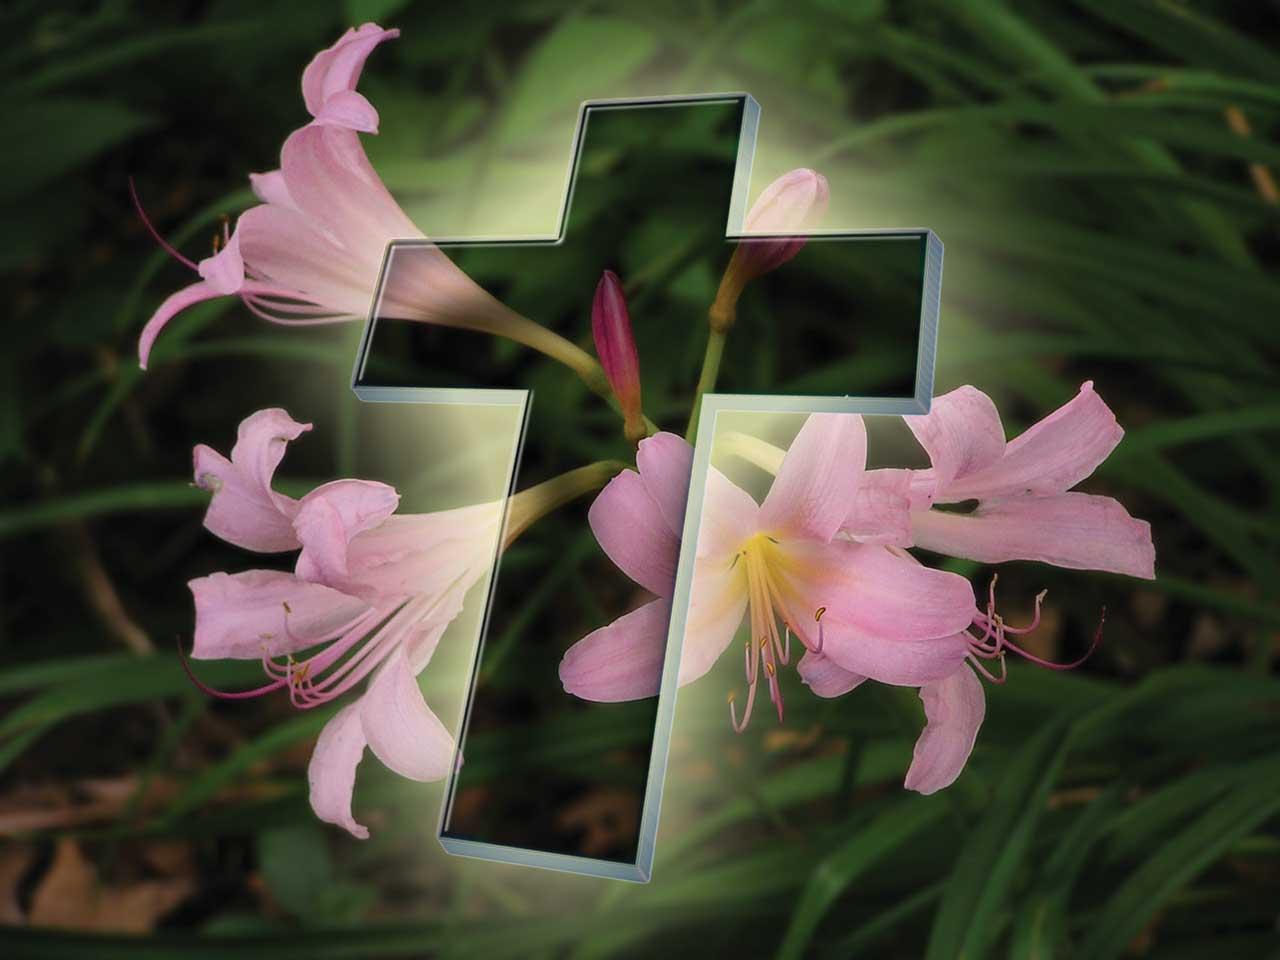 http://1.bp.blogspot.com/-yoMdfnffTjU/Ta4BmZhX7dI/AAAAAAAAAss/6DXWMNoPIL0/s1600/Easter-Desktop-Wallpapers-03.jpg